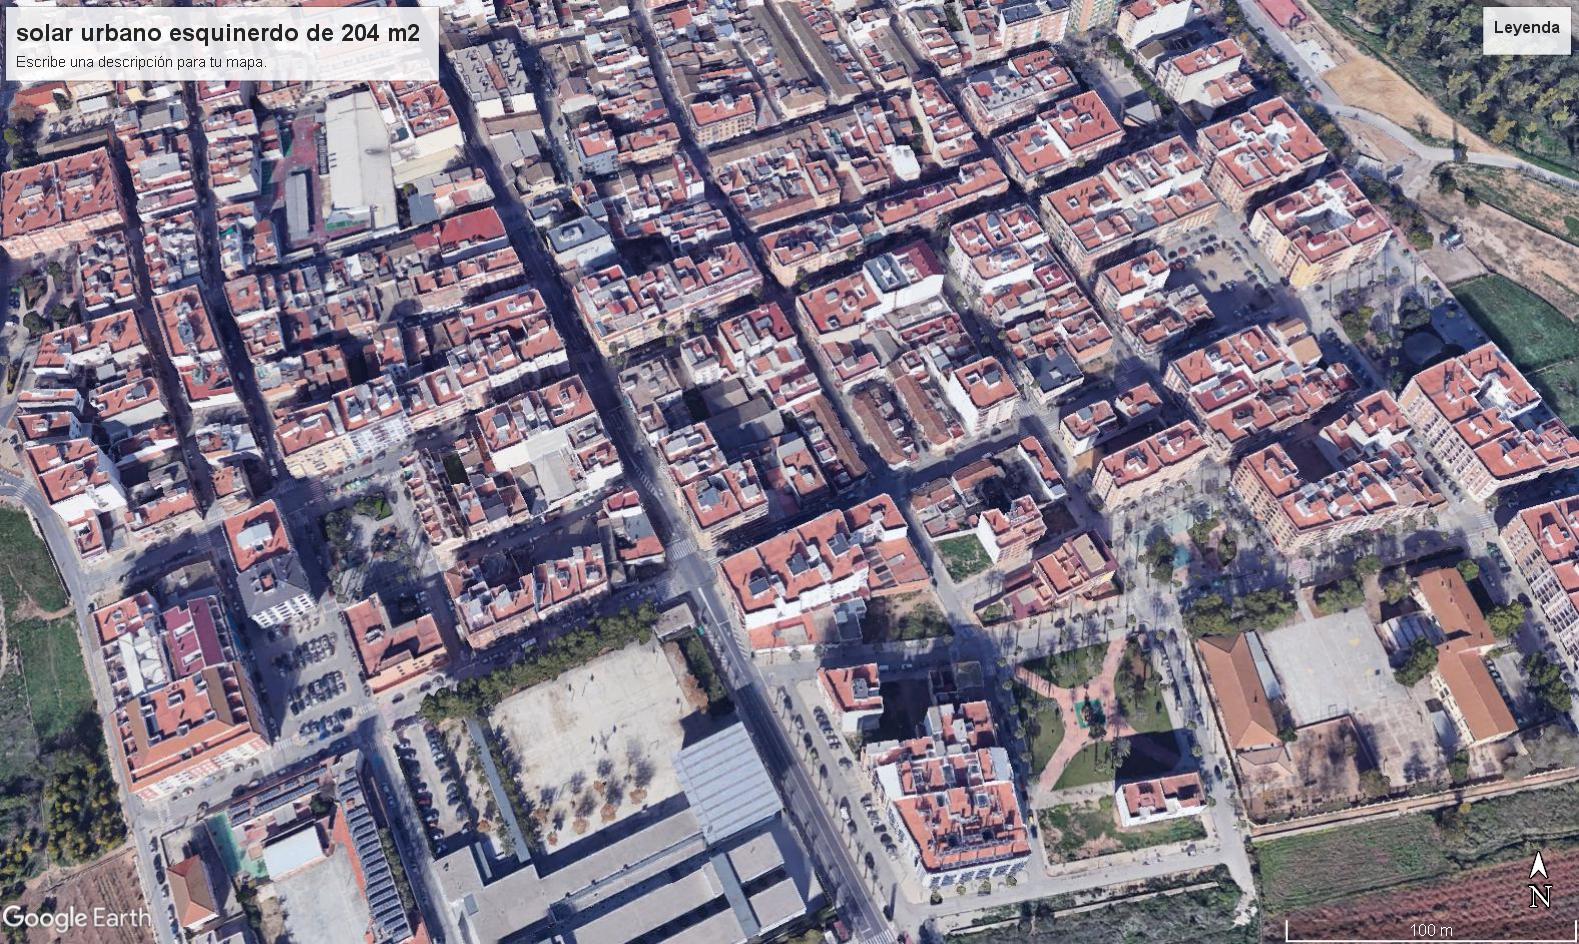 Terrain urbain  Carlet. Parcela urbana  esquinera de 204 m2, ideal para construir o prom